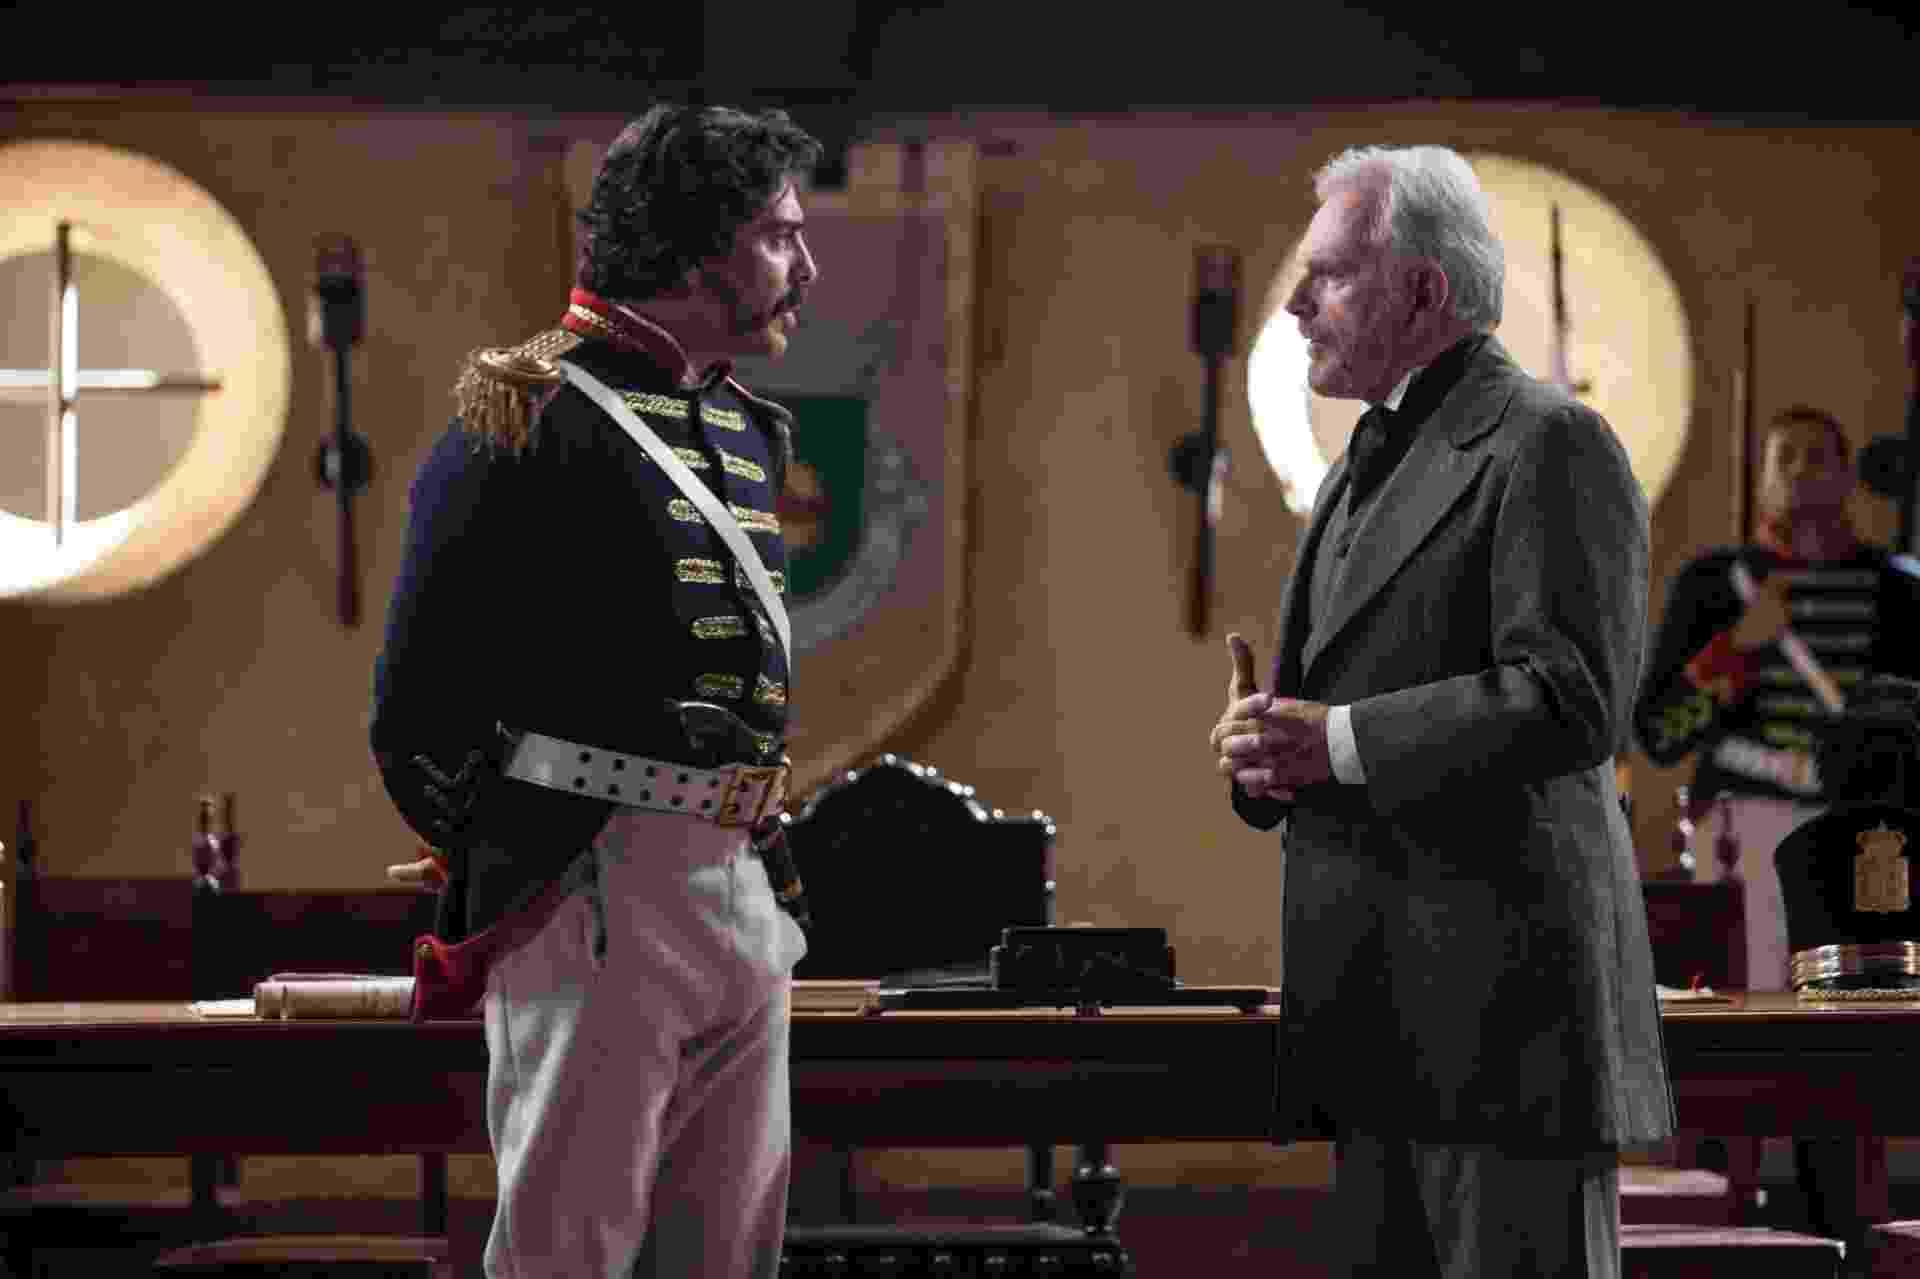 Cena de Capitão Loreto (Junno Andrade) e Doutor Pacheco (Henri Pagnoncelli). Loreto é o chefe de polícia da Vila, que procura manter a ordem na região - Edu Moraes/Rede Record